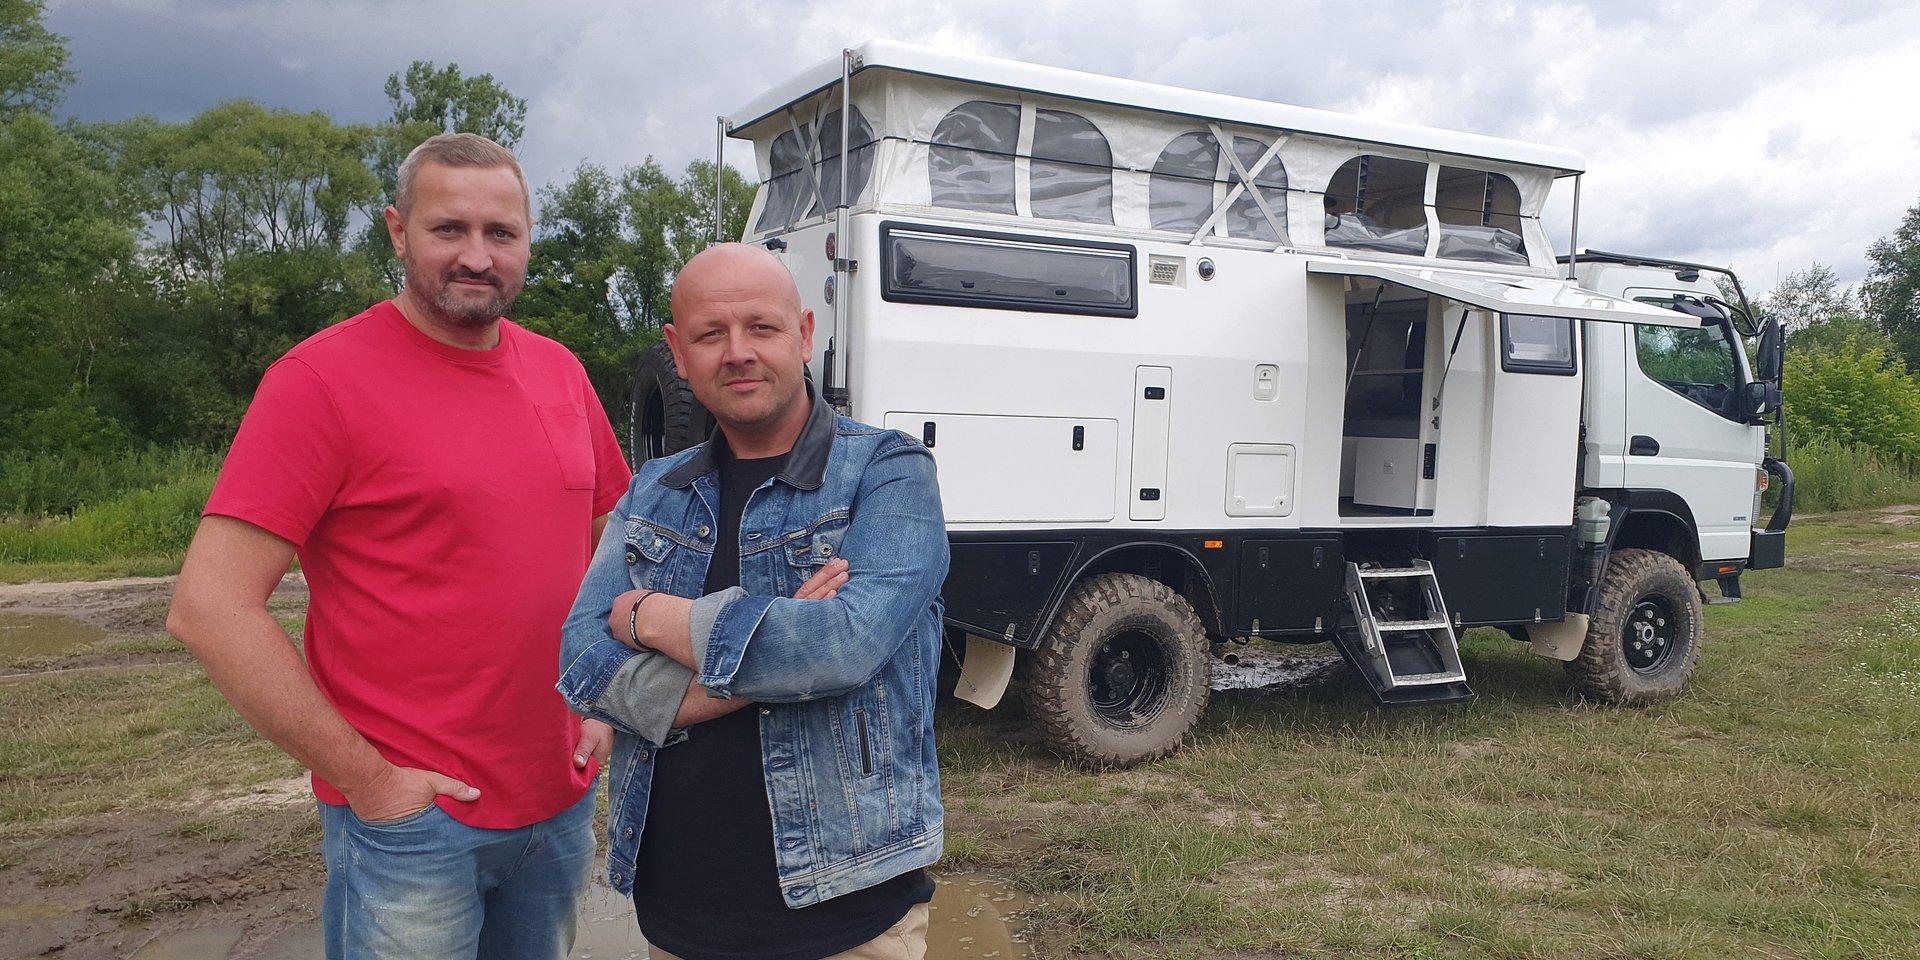 """Adam Klimek zwycięzcą trzeciej serii """"Klimek kontra Duda"""", 25 października start czwartego starcia"""